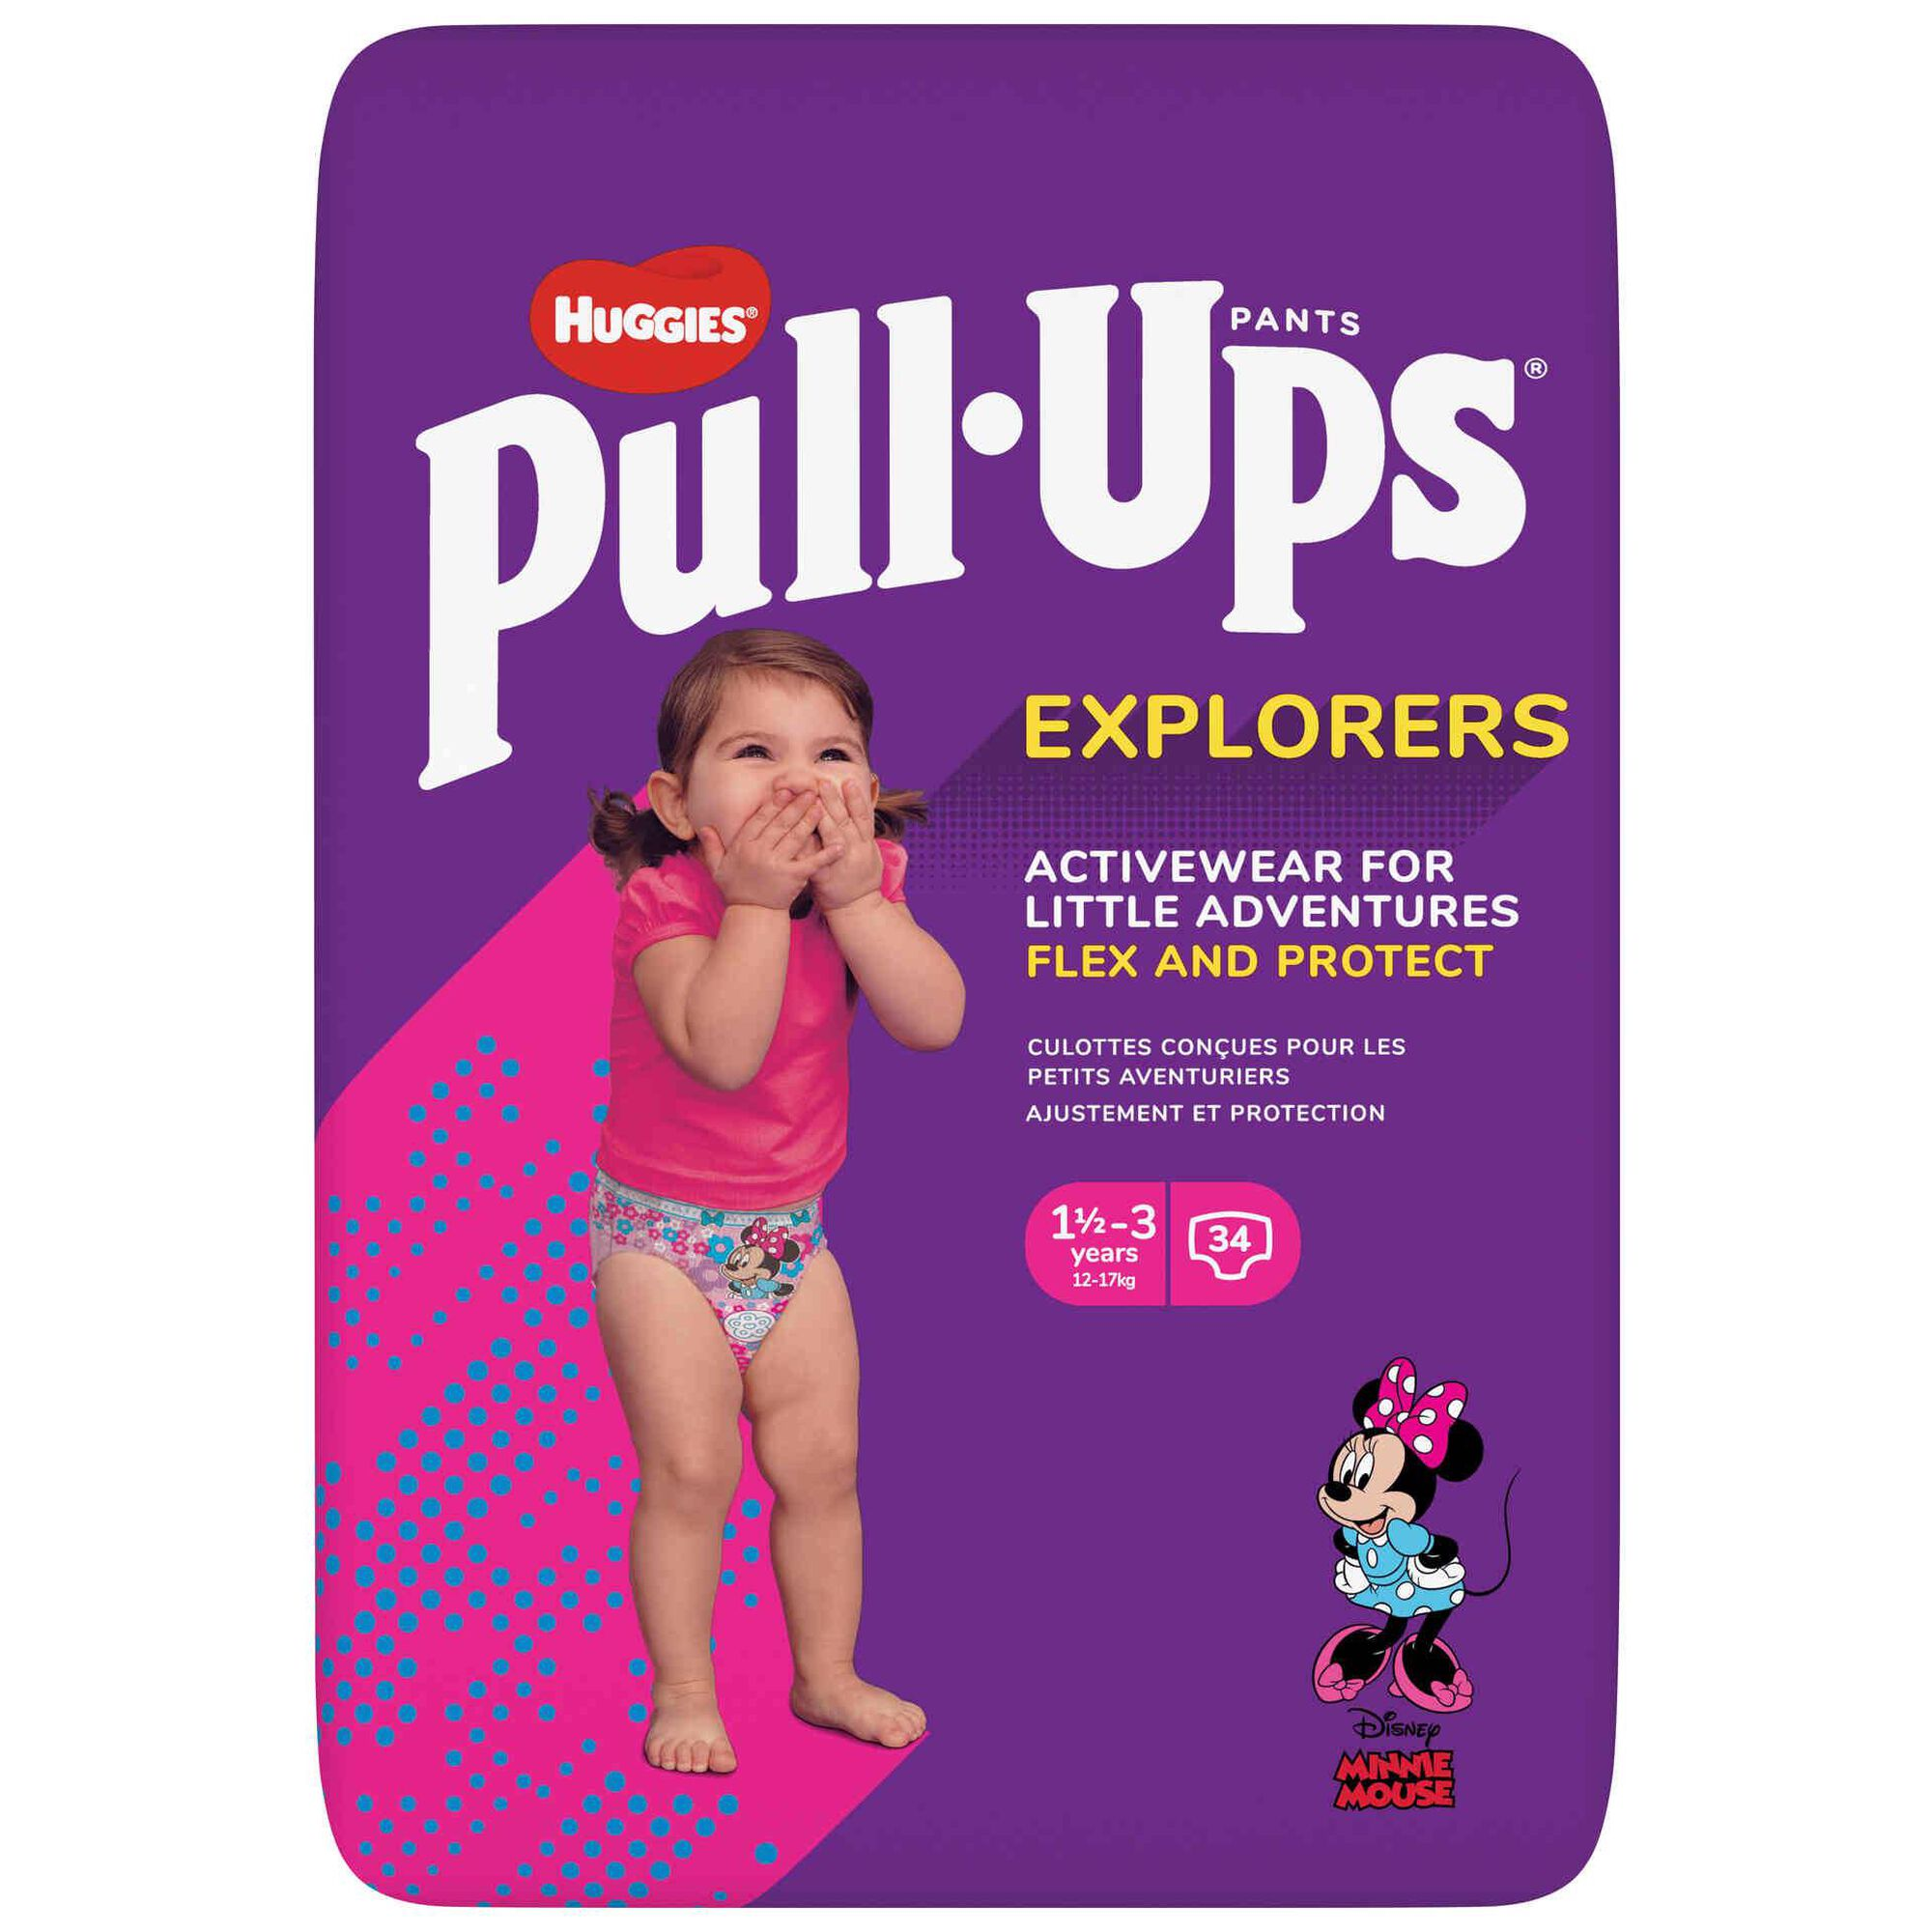 Fraldas Cueca Pull Ups Menina 12-17kg 1-3 Anos